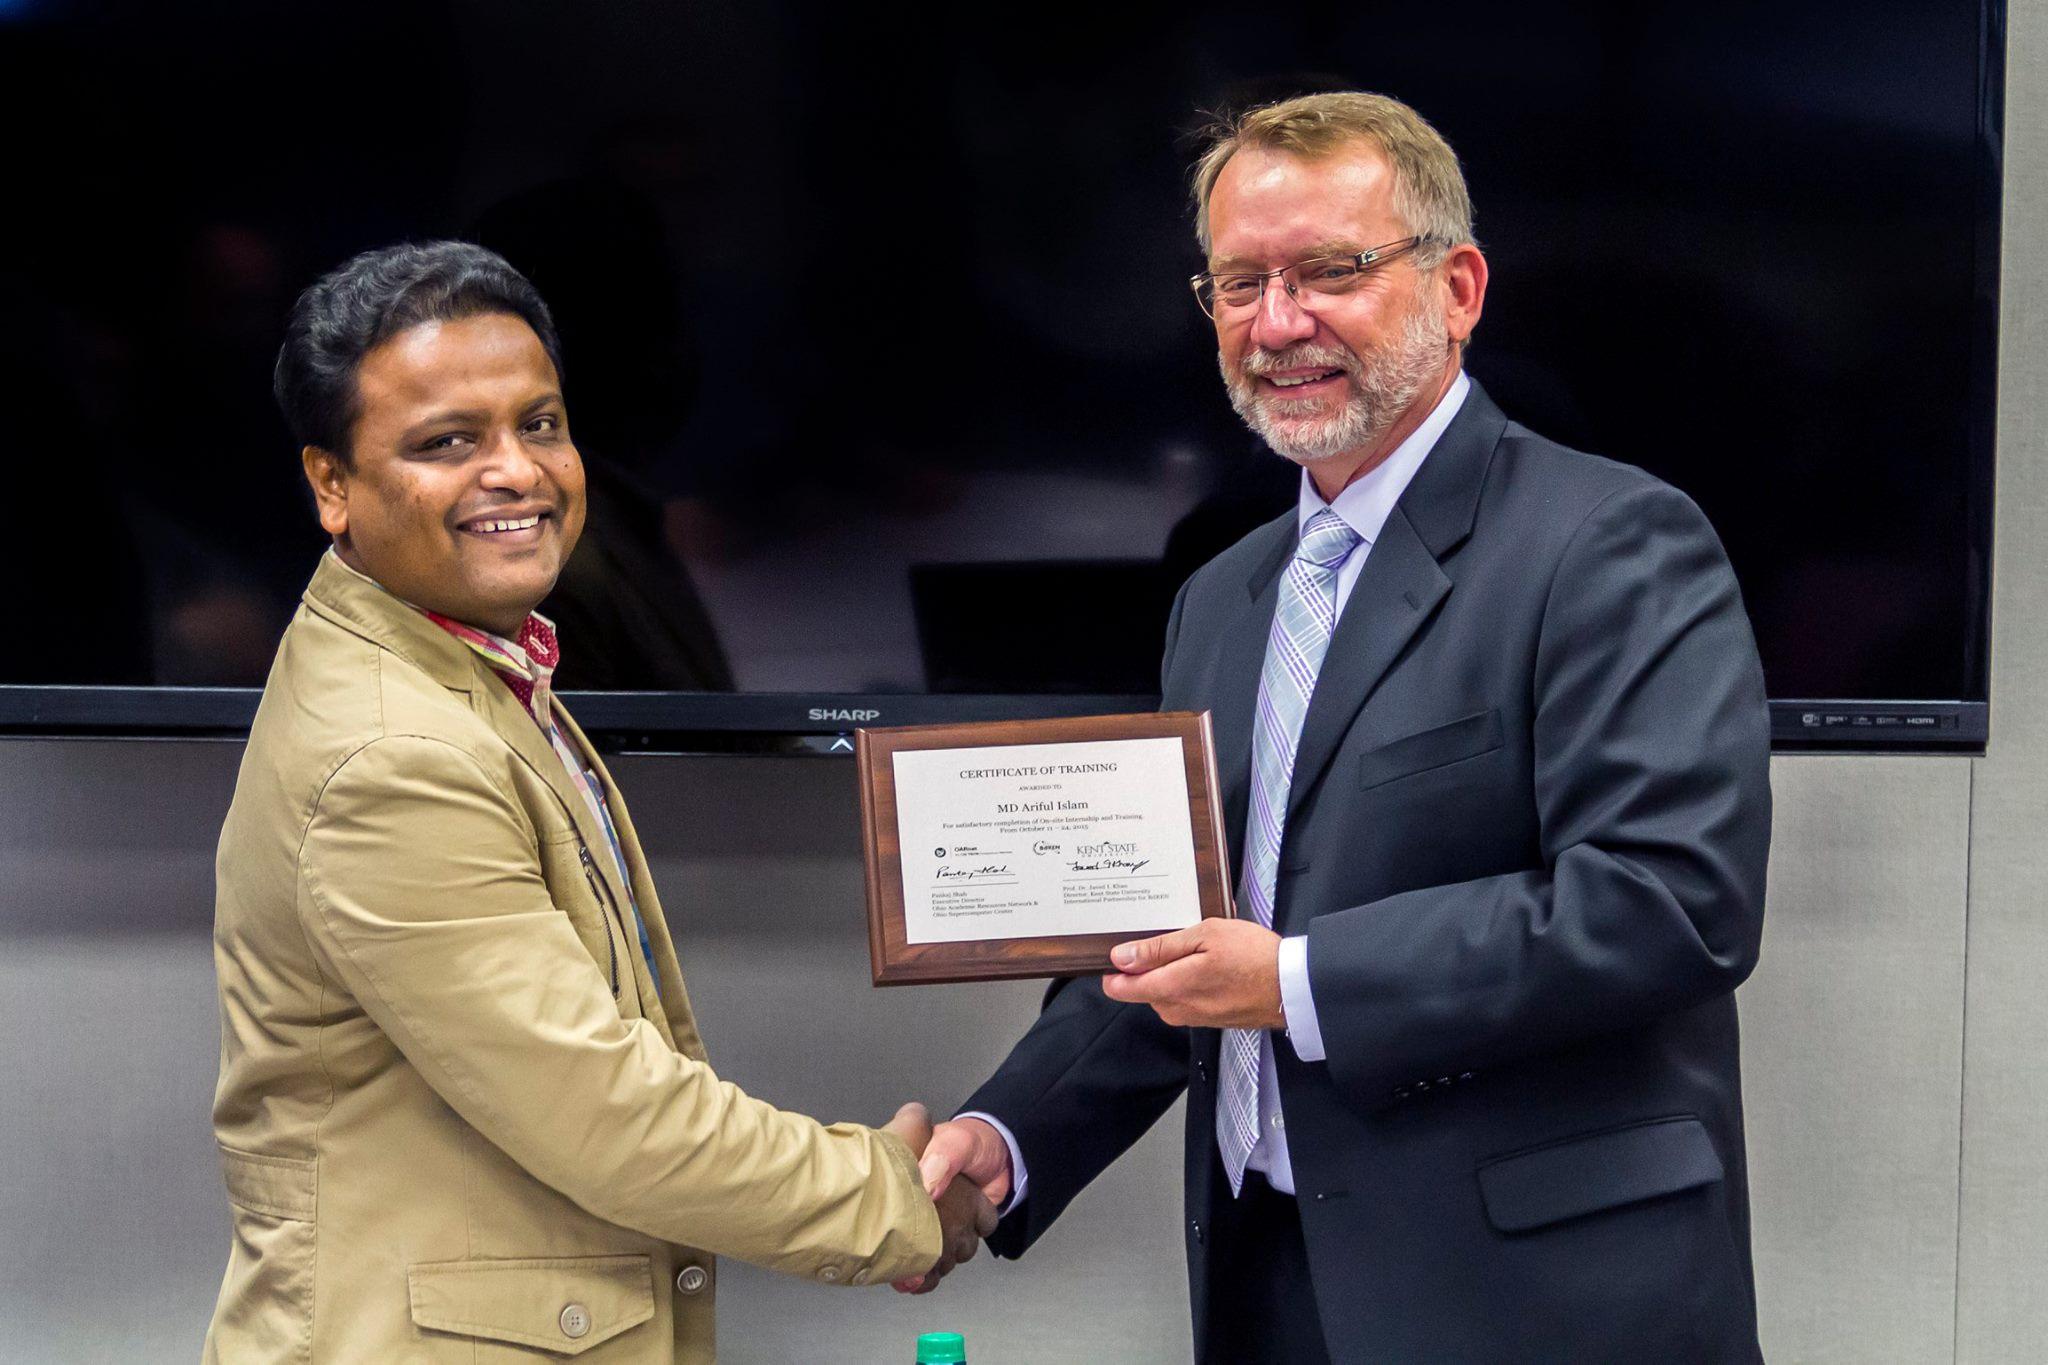 Ariful receiving certificate